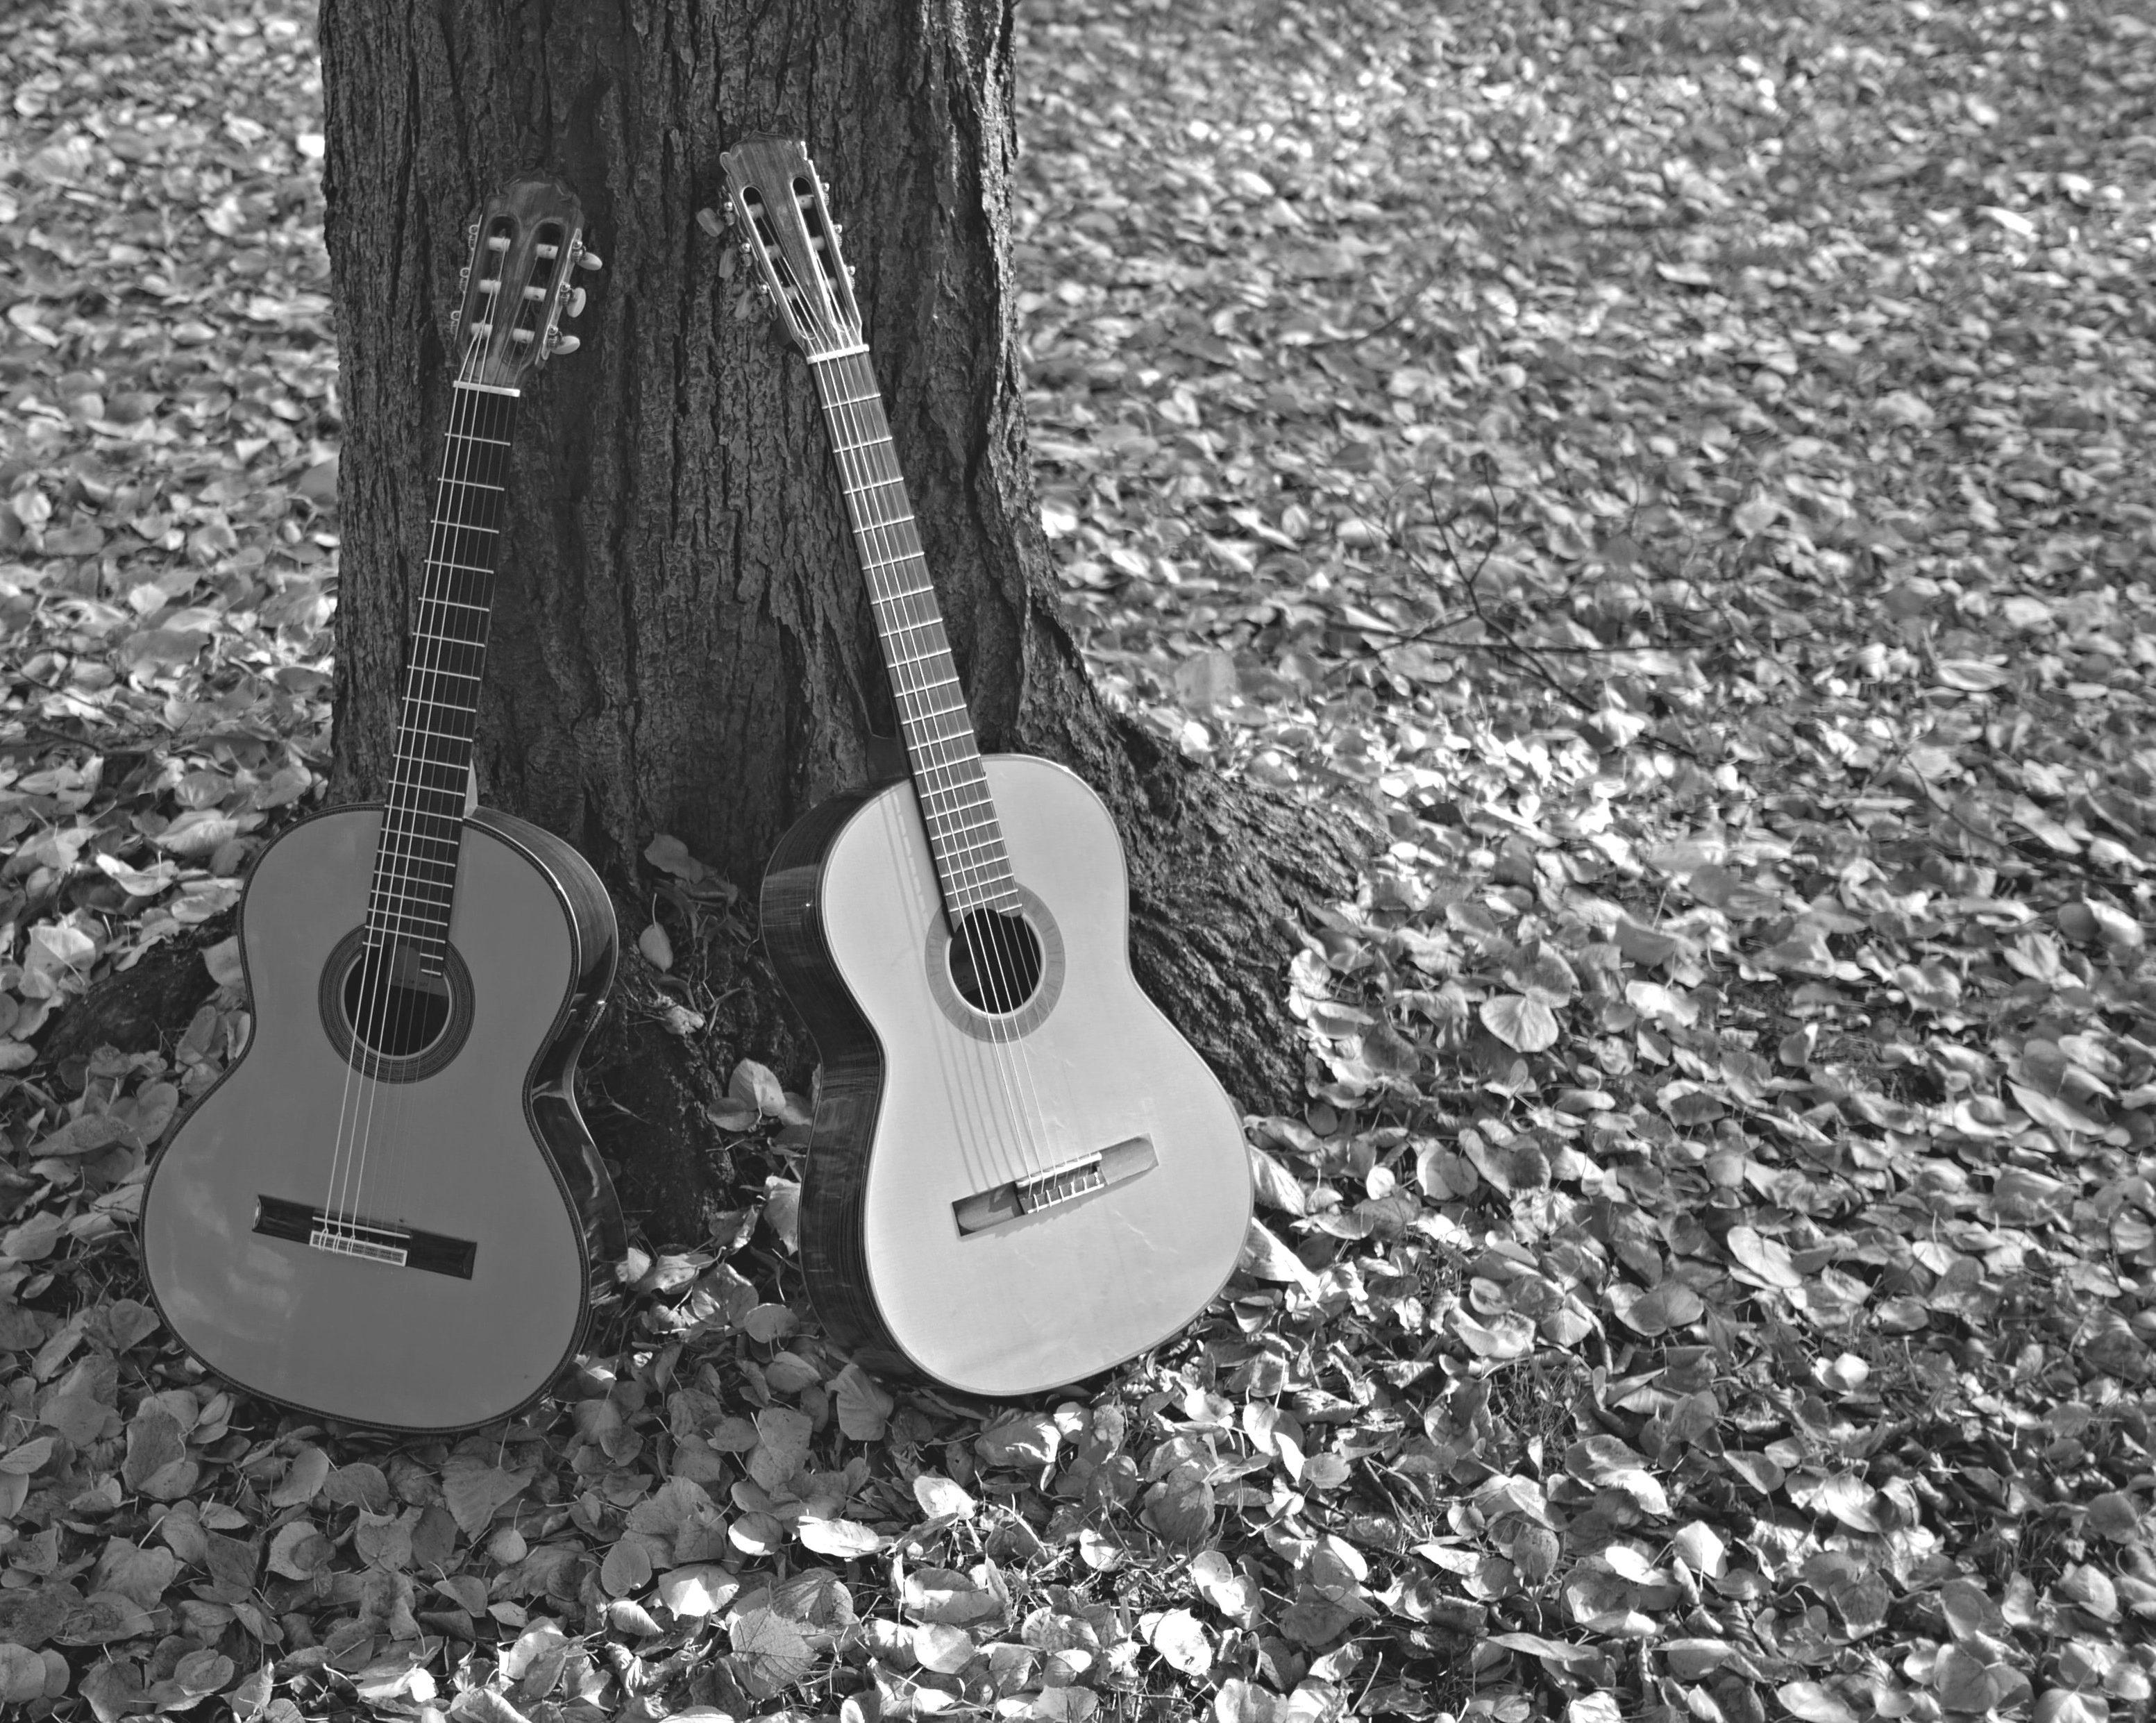 Gitarrenmusik  für Trauerfeiern in und um  Berlin - Gitarren im Herbst